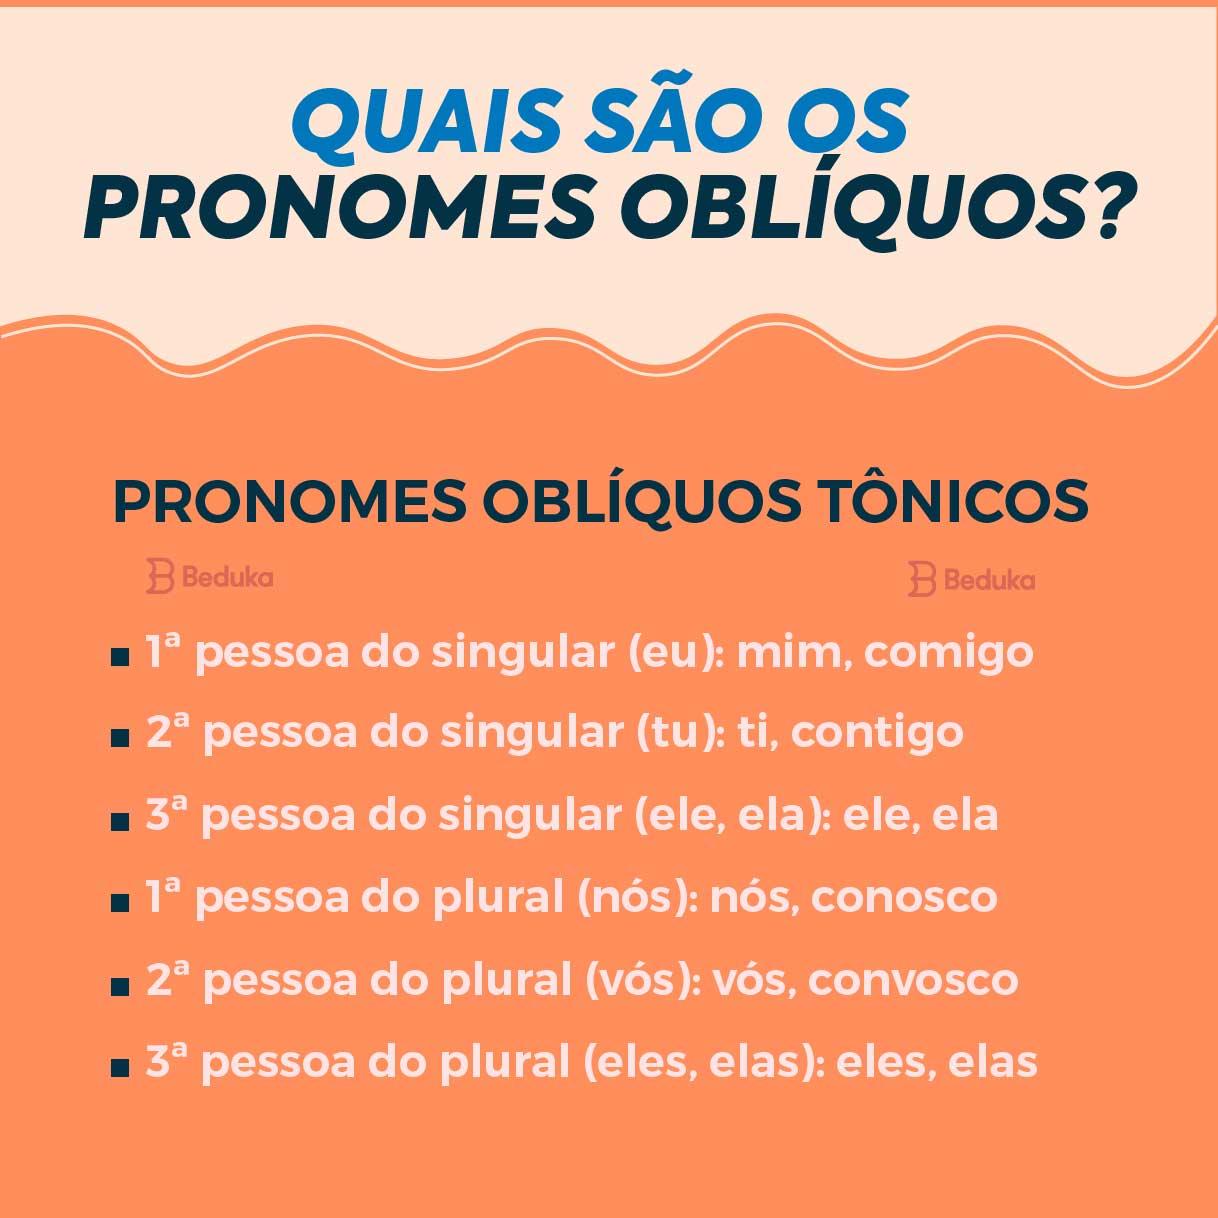 quais são os pronomes oblíquos tônicos